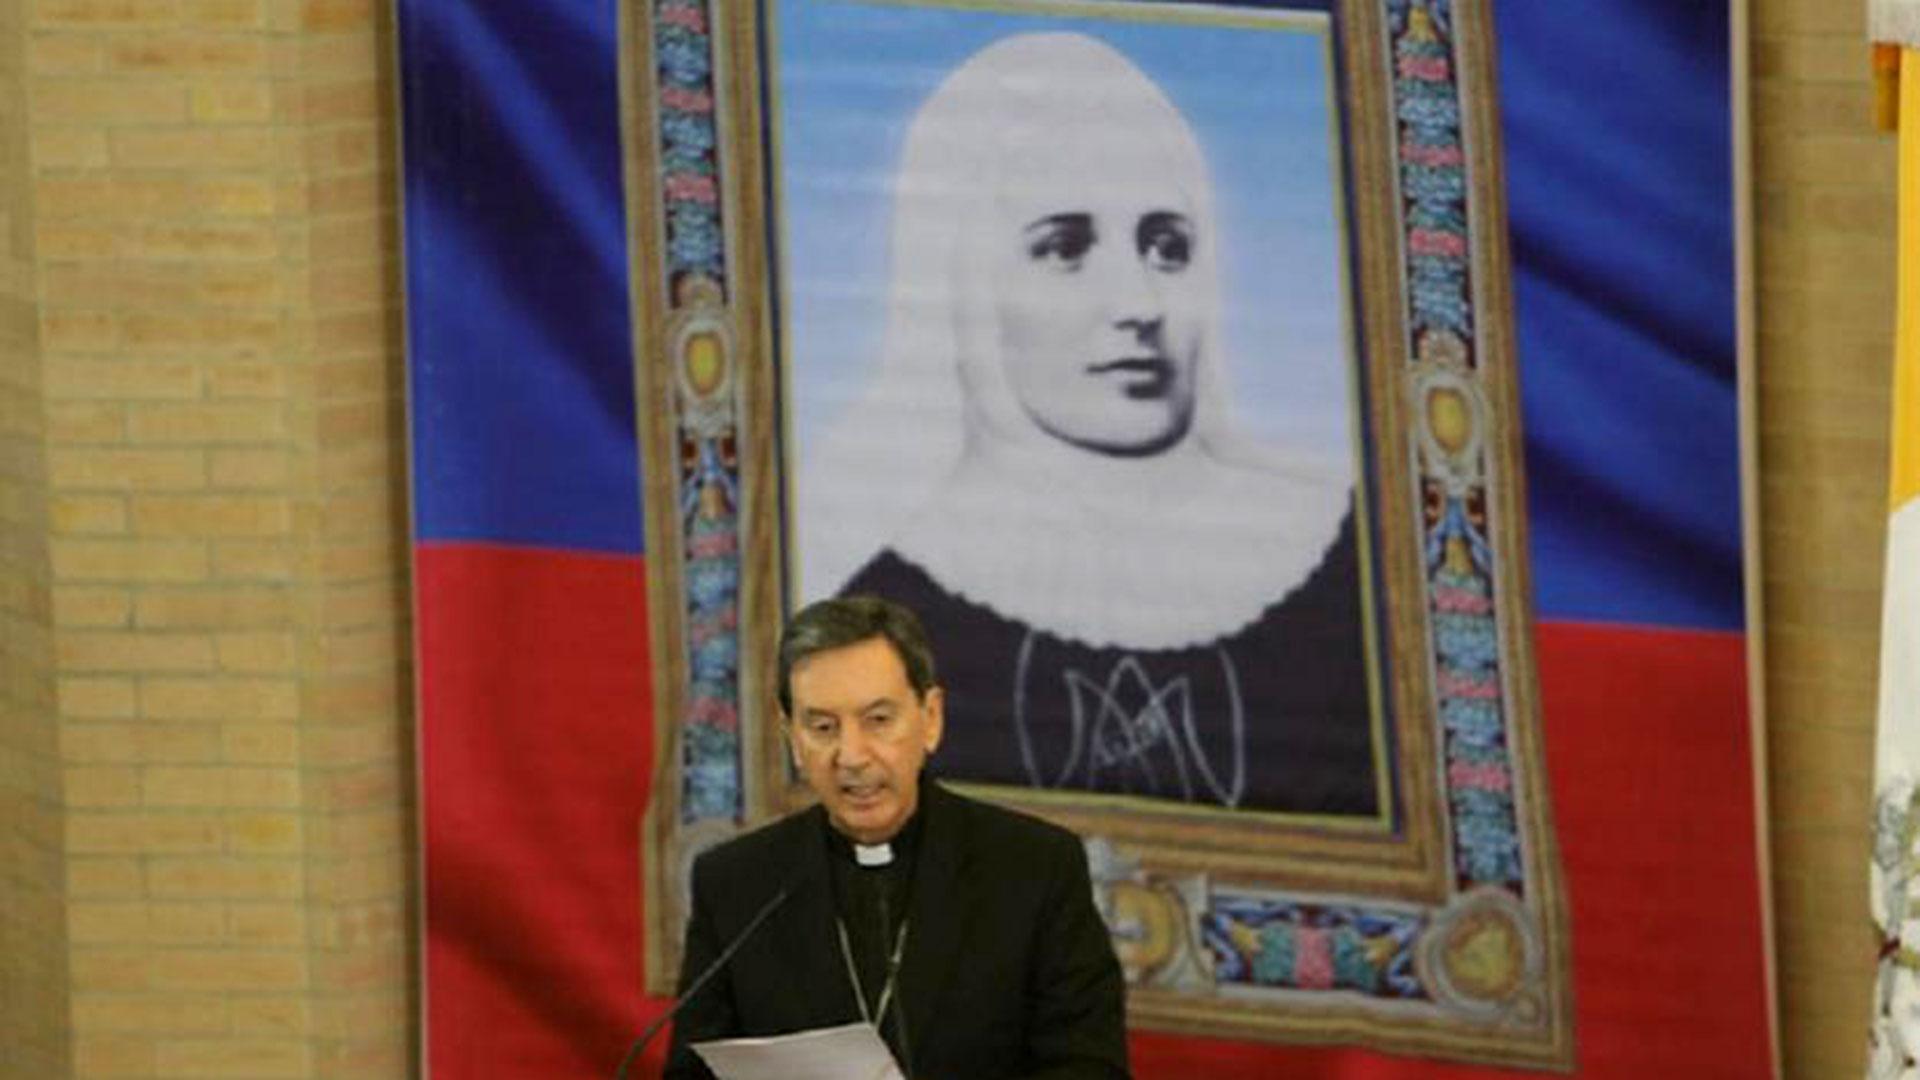 Laura fundó la Congregación de las Hermanas Misioneras de la Beata Virgen María Inmaculada y de Santa Catalina de Siena, falleció en 1949 y en 2013 se convirtió en la primera santa colombiana